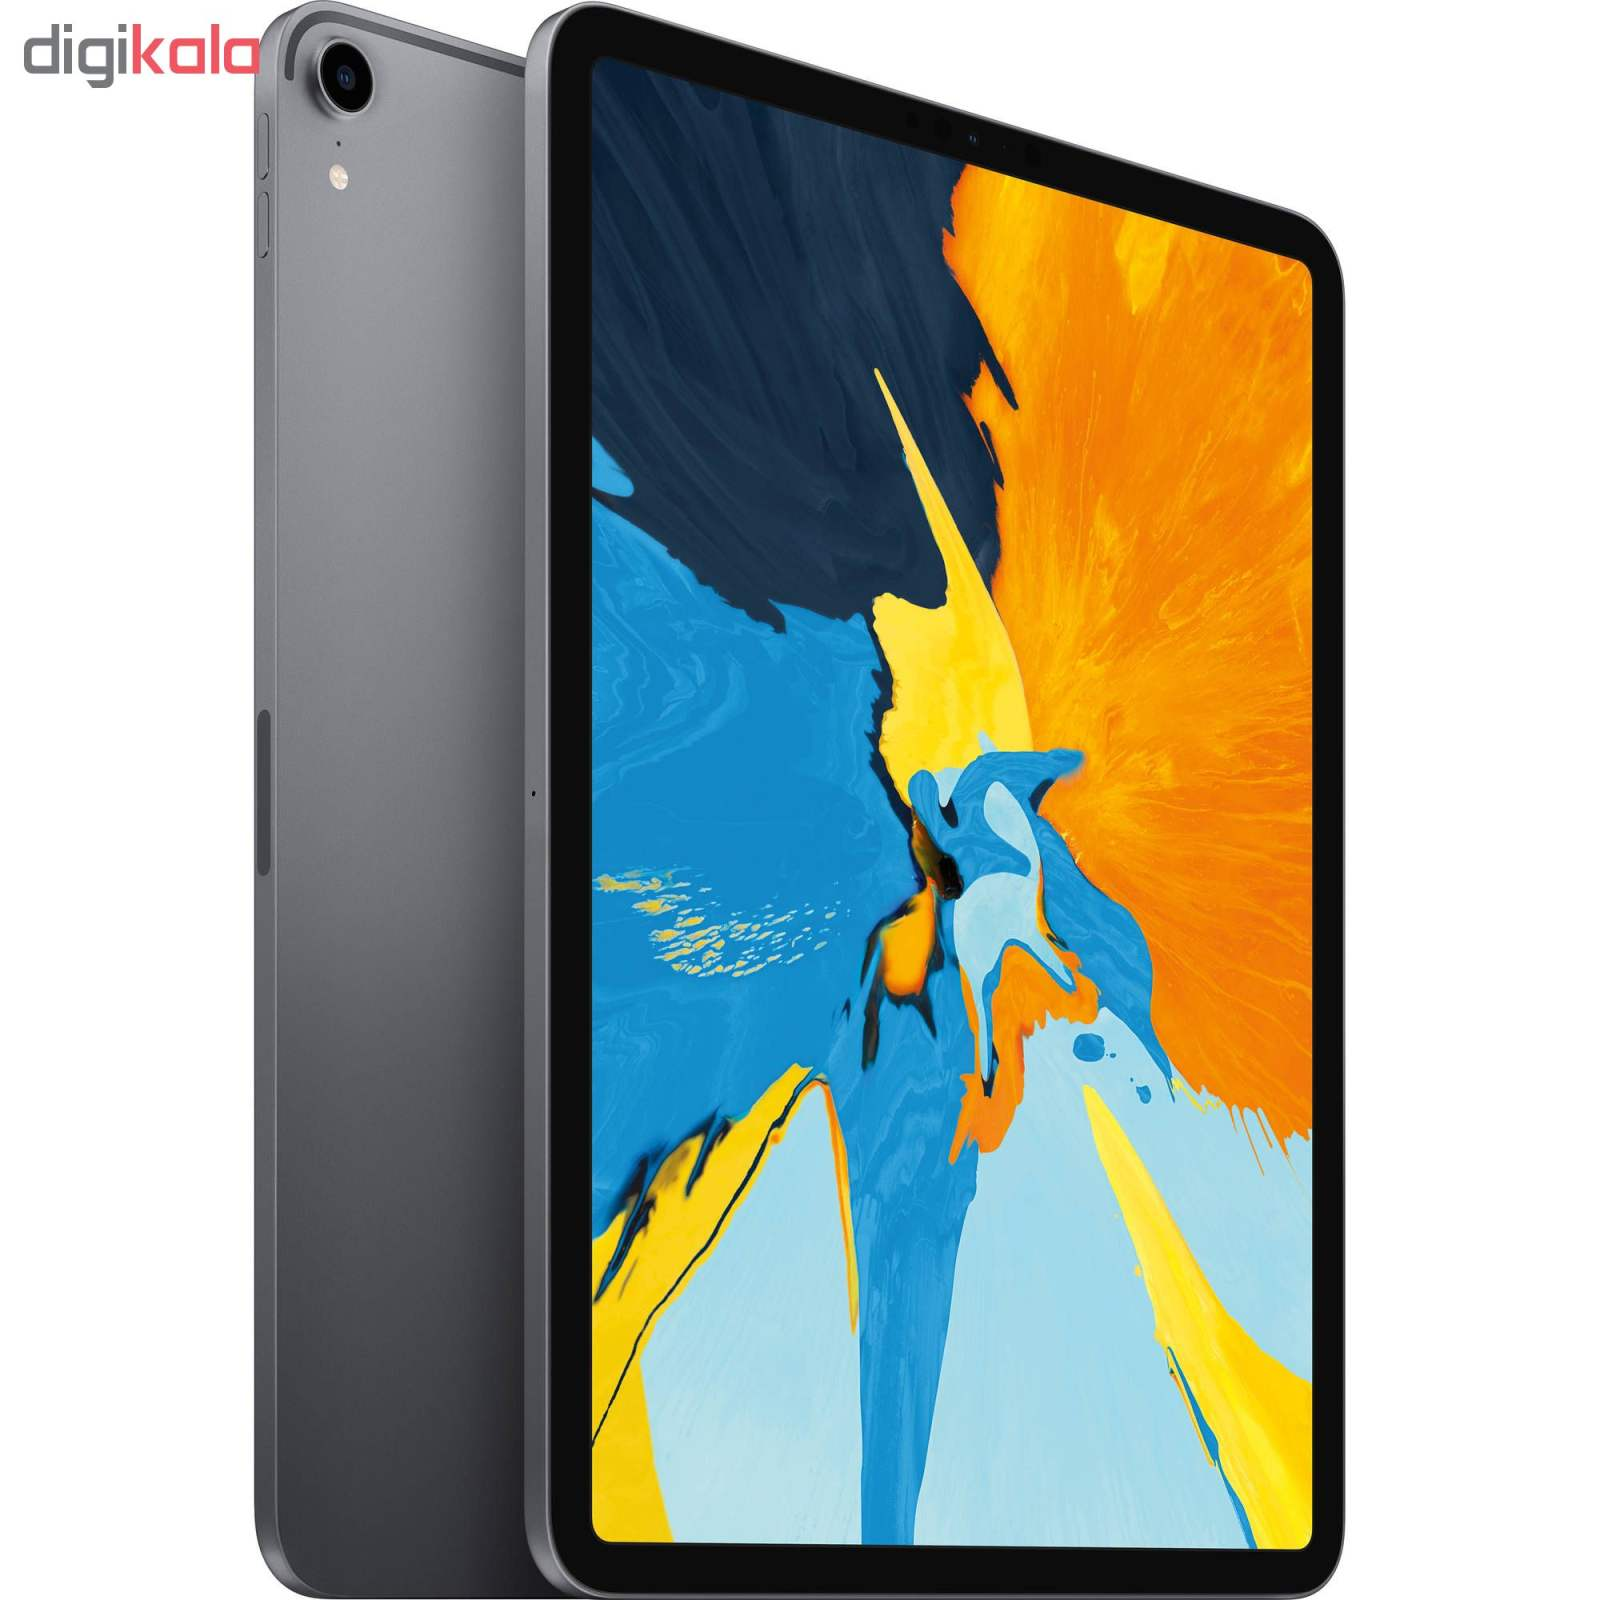 تبلت اپل مدل iPad Pro 2018 11 inch 4G ظرفیت 64 گیگابایت main 1 4